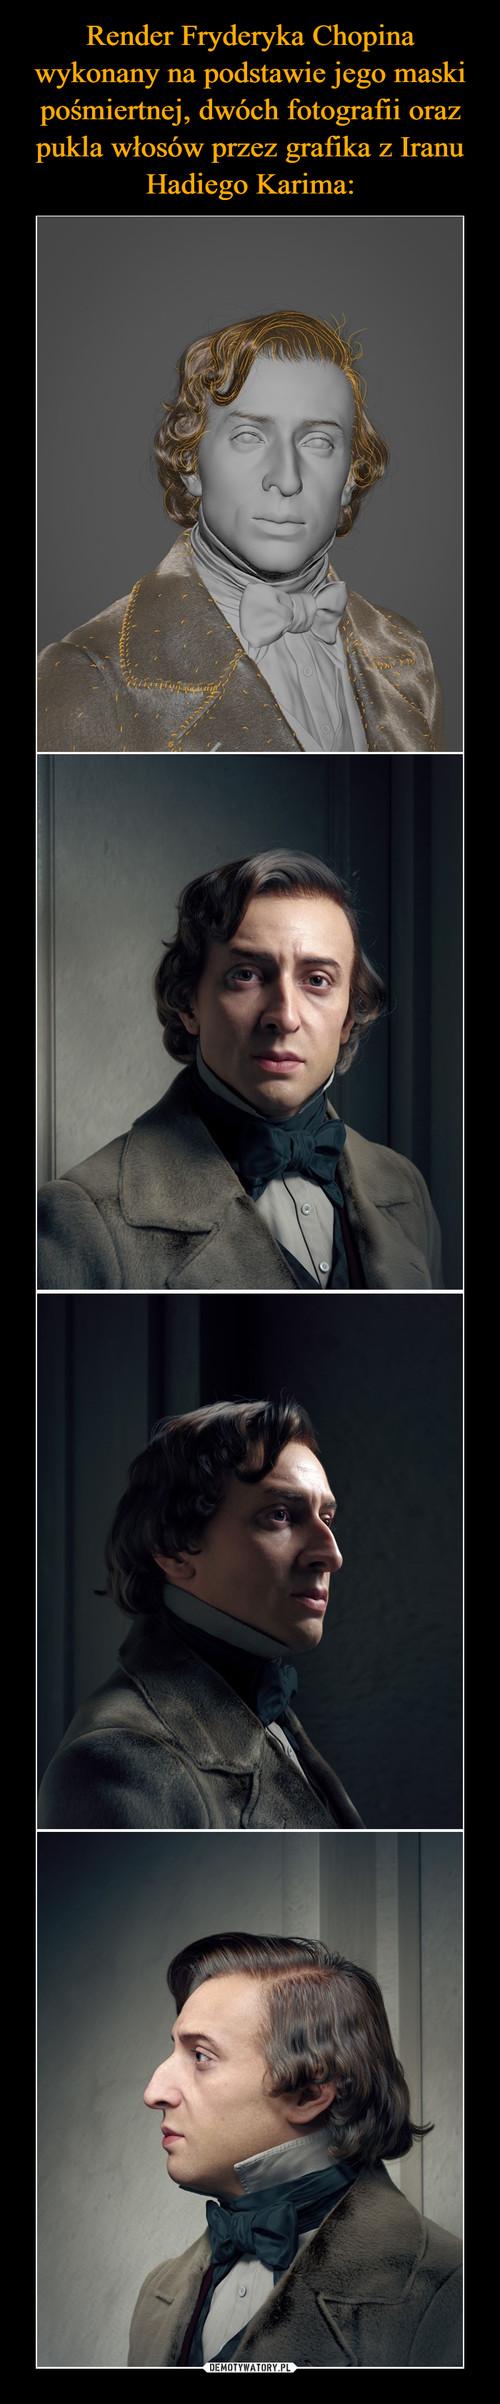 Render Fryderyka Chopina wykonany na podstawie jego maski pośmiertnej, dwóch fotografii oraz pukla włosów przez grafika z Iranu Hadiego Karima: